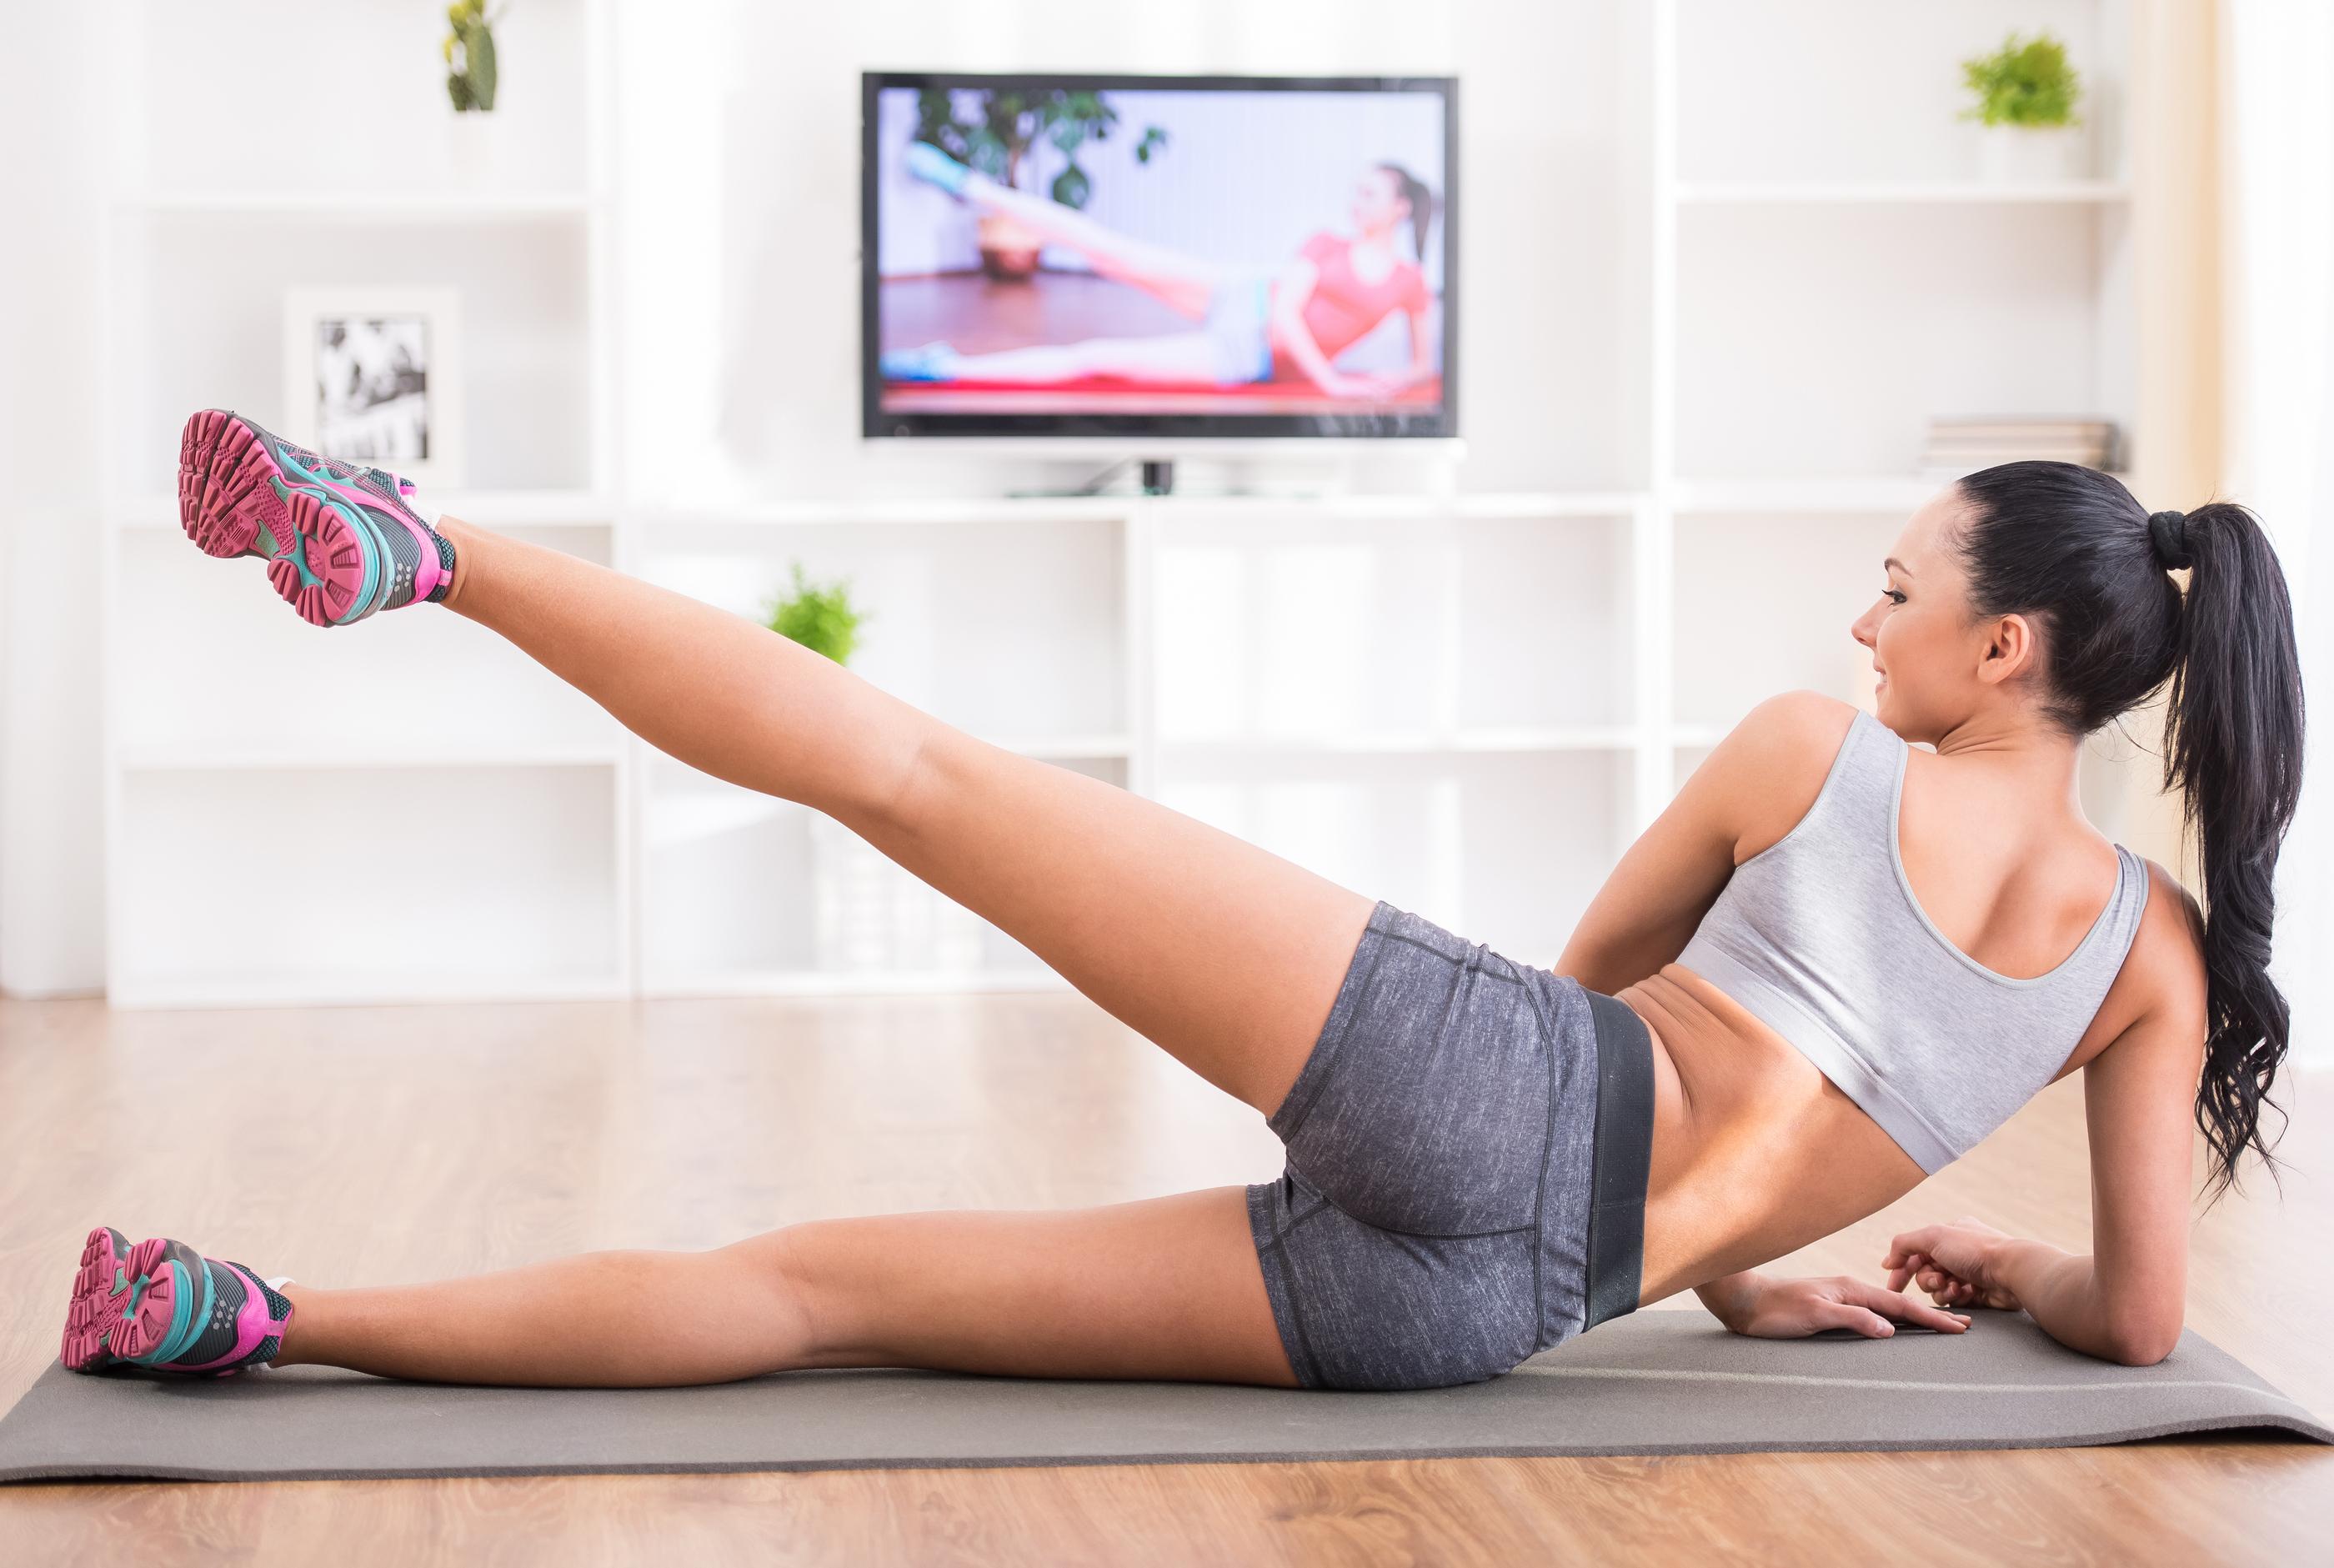 Чем Нужно Заниматься Чтобы Похудели Ноги. Как быстро похудеть в ногах. Упражнения, обертывания, питание на неделю, массаж